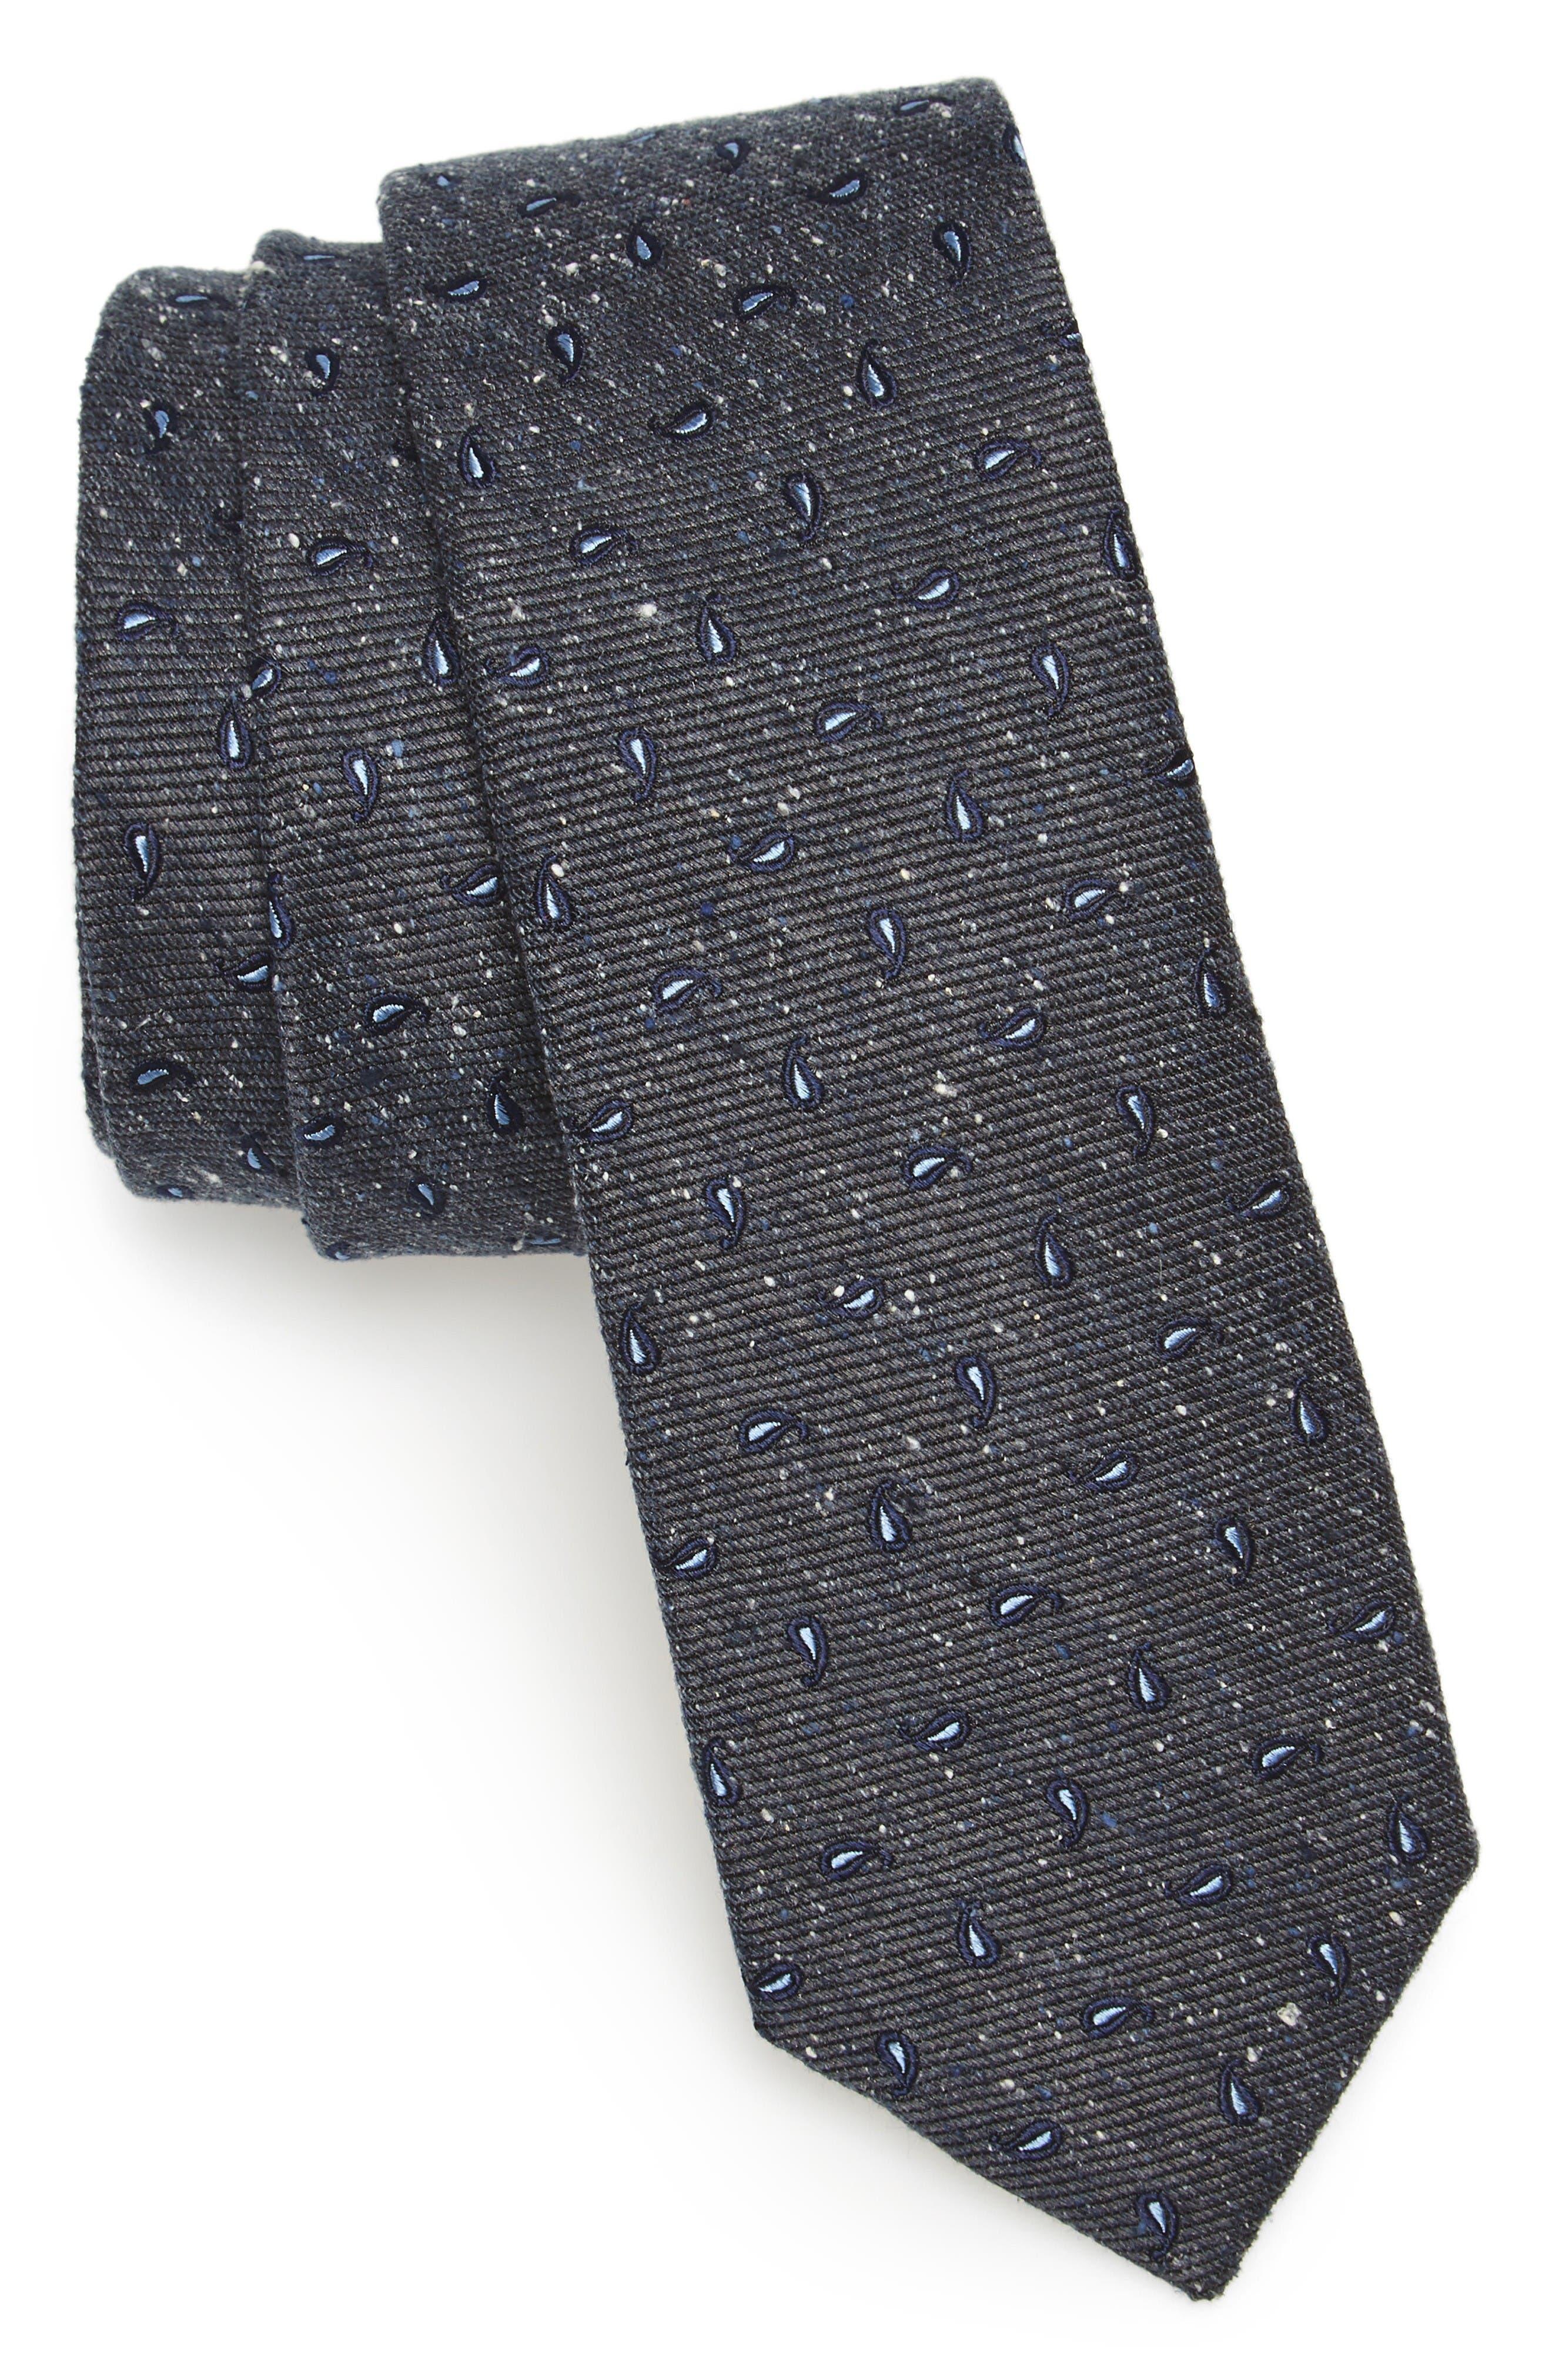 Main Image - The Tie Bar Paisley Nep Silk Tie